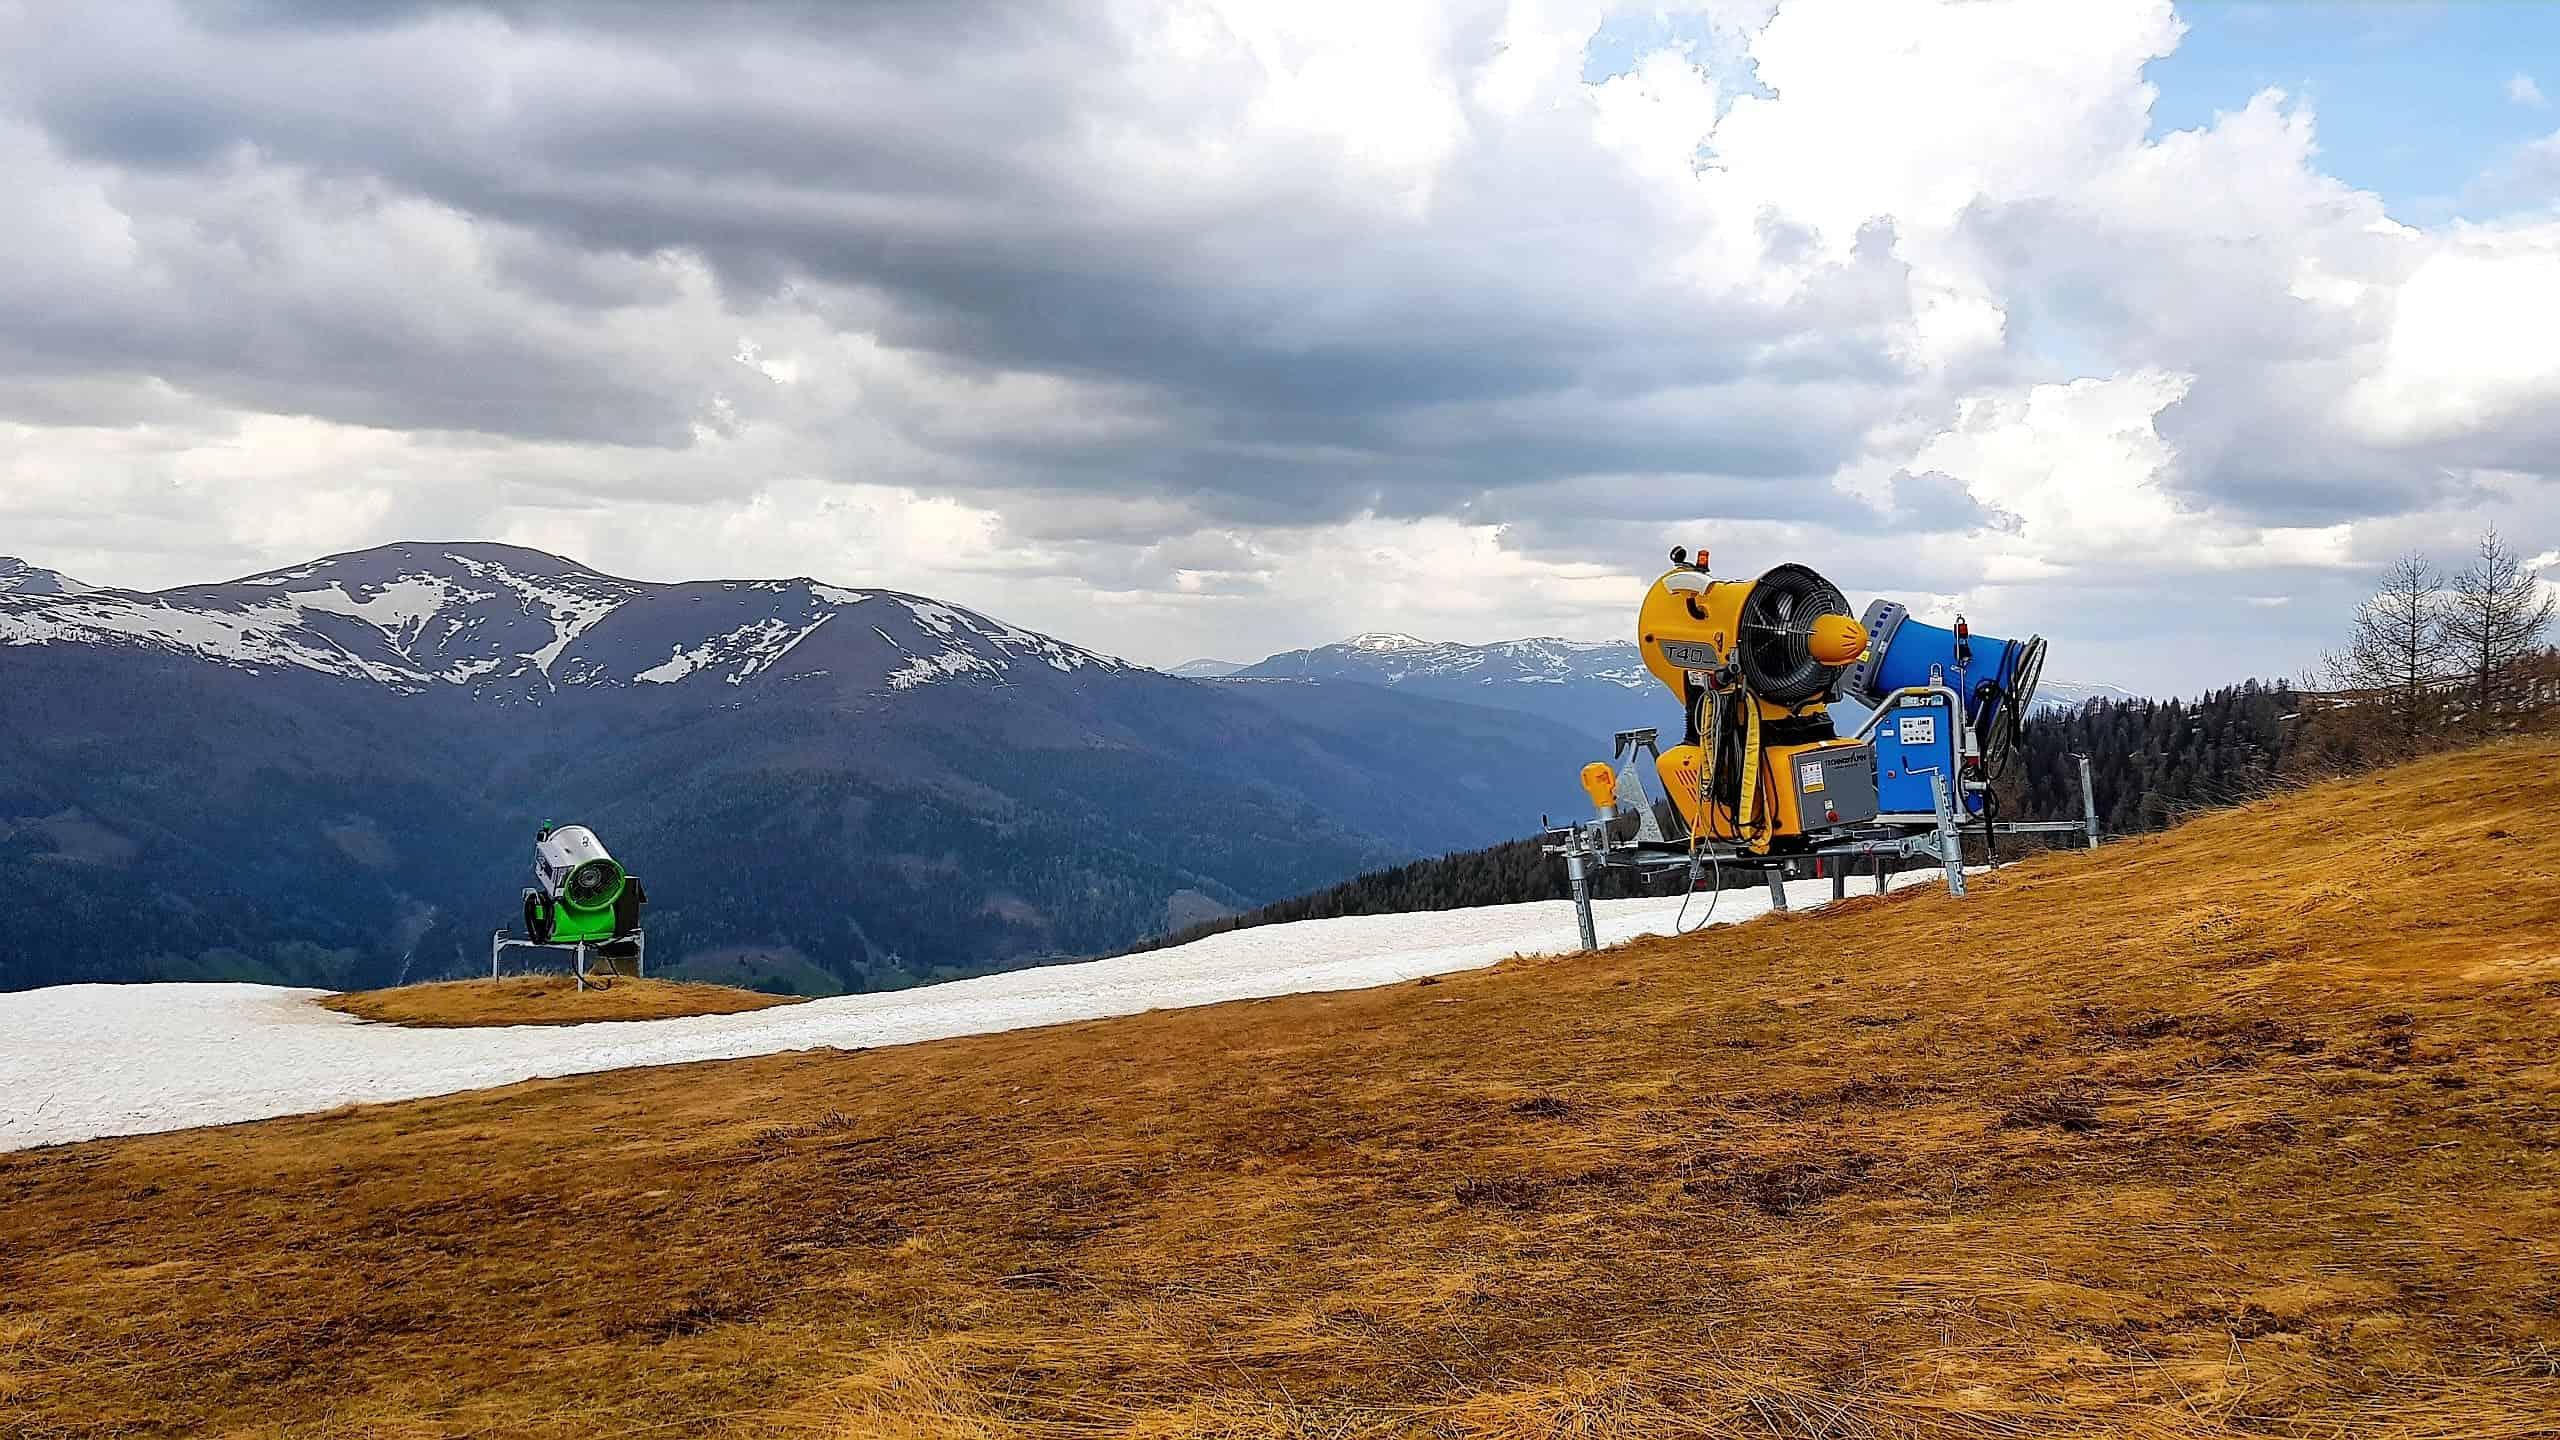 Auf Kaiserburg nach Wintersaison mit Blick auf Nockberge in Kärnten - Österreich